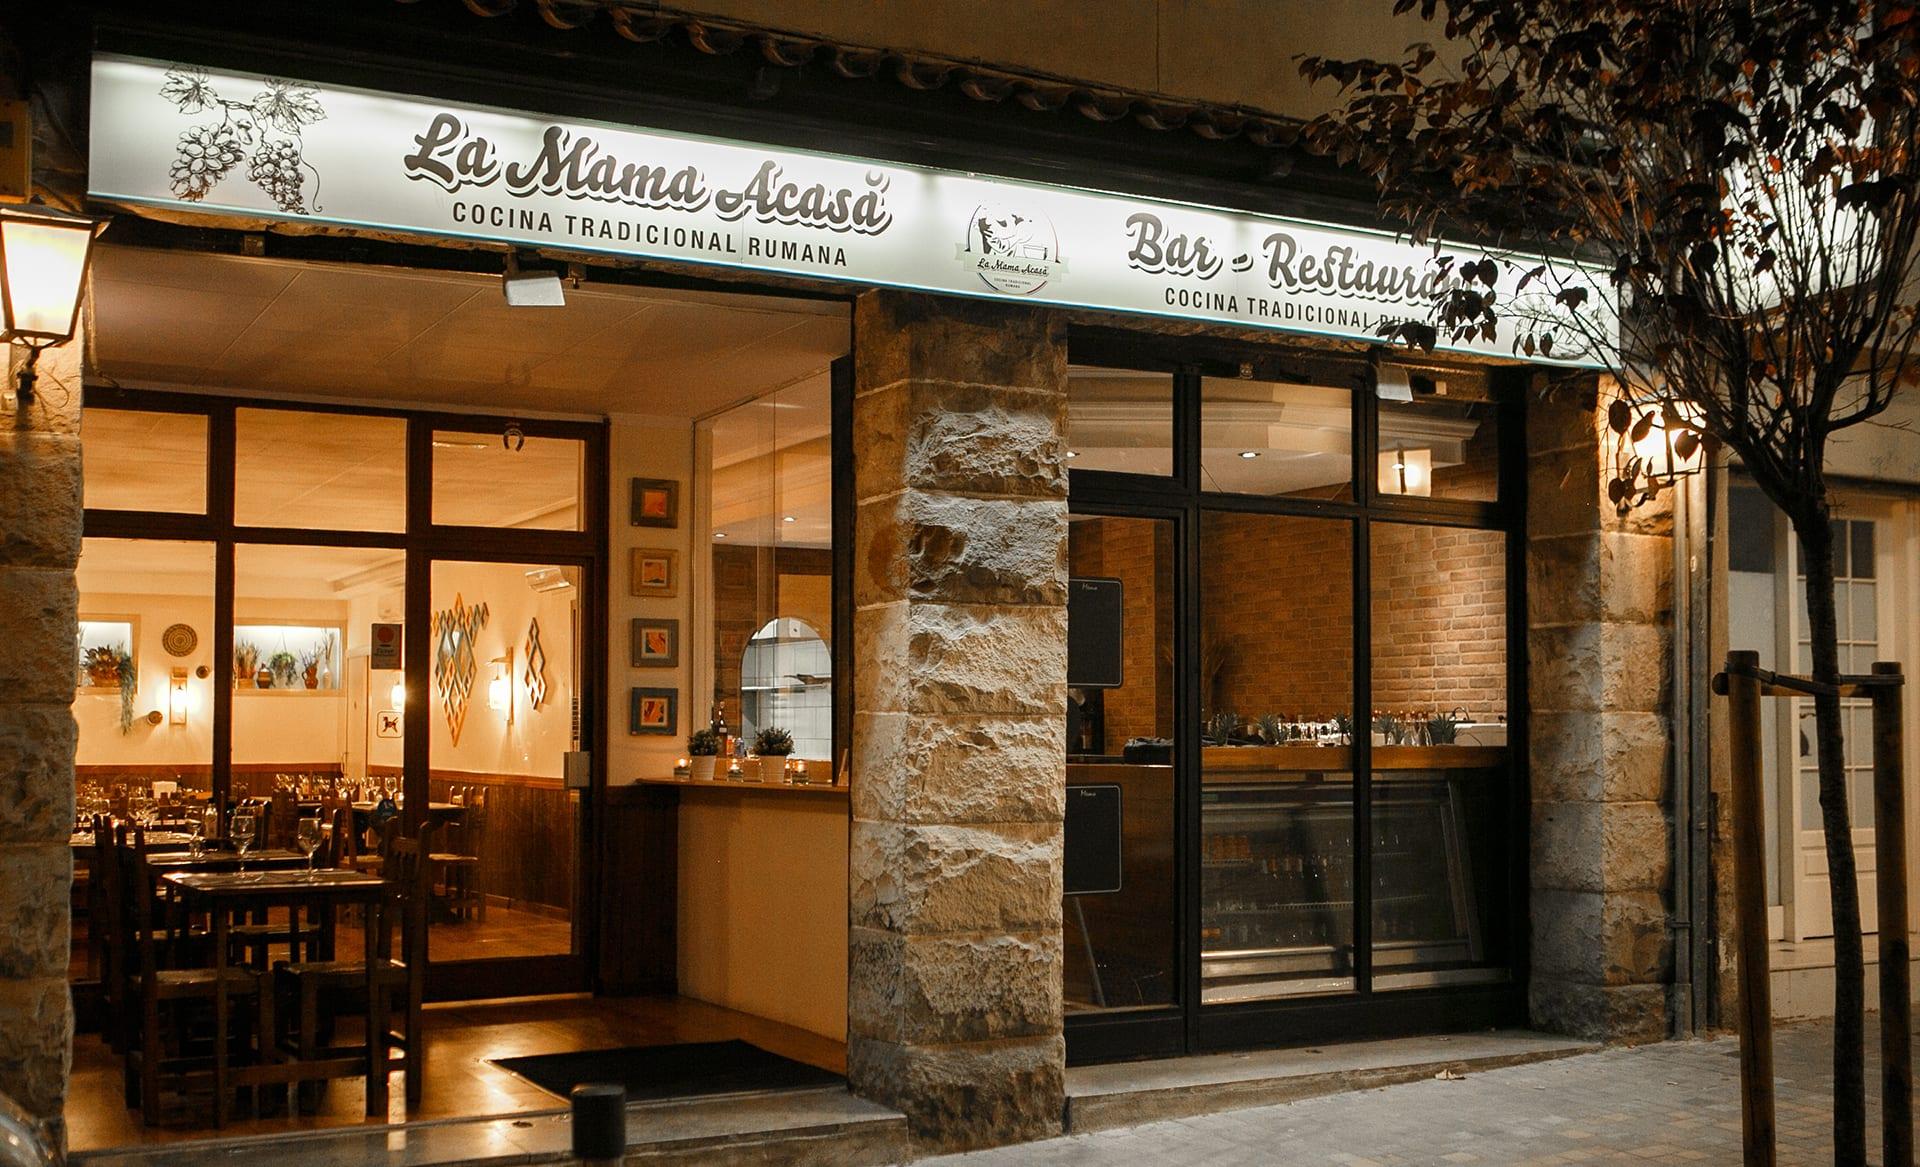 Restaurante La Mama Acasa  Cocina tradicional Rumana en Barcelona